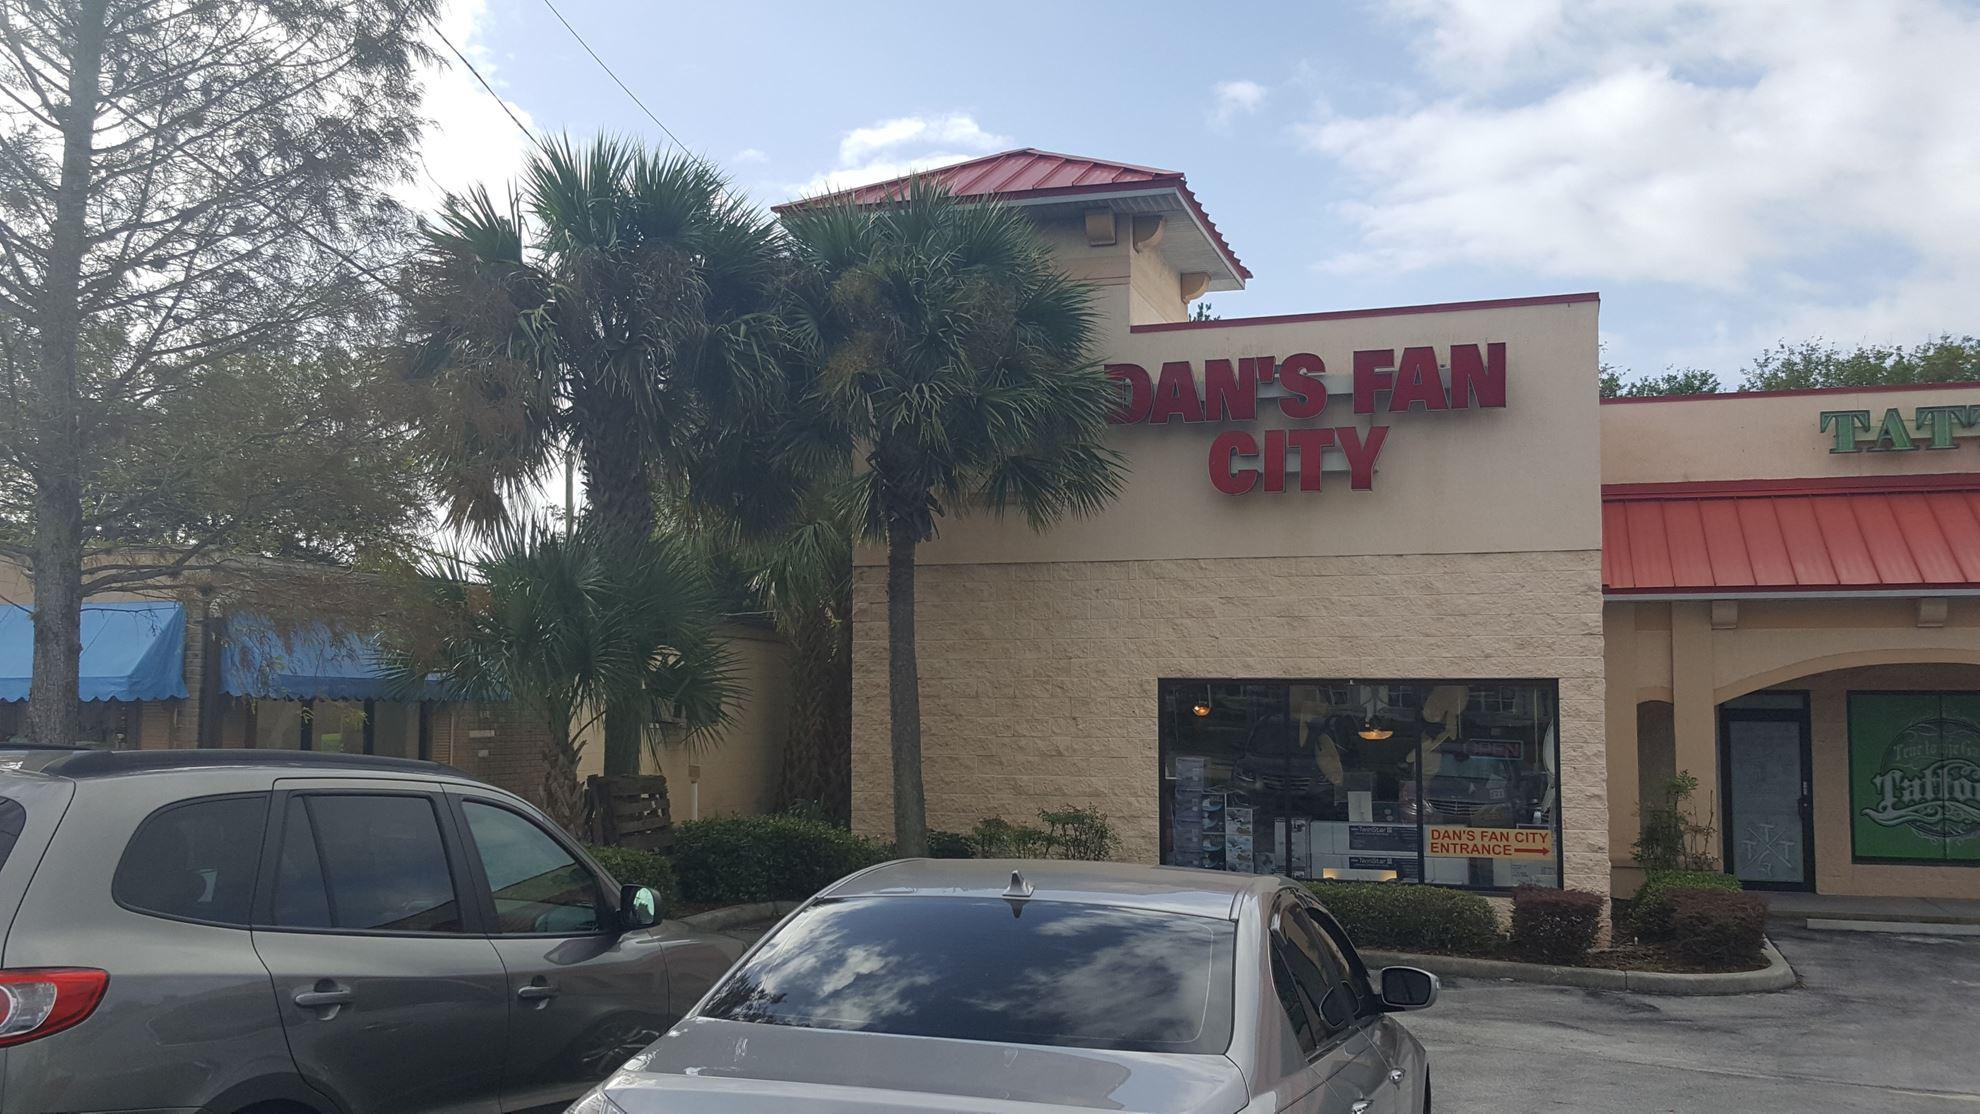 Ceiling Fan Store In Winter Haven Fl Dan S Fan City